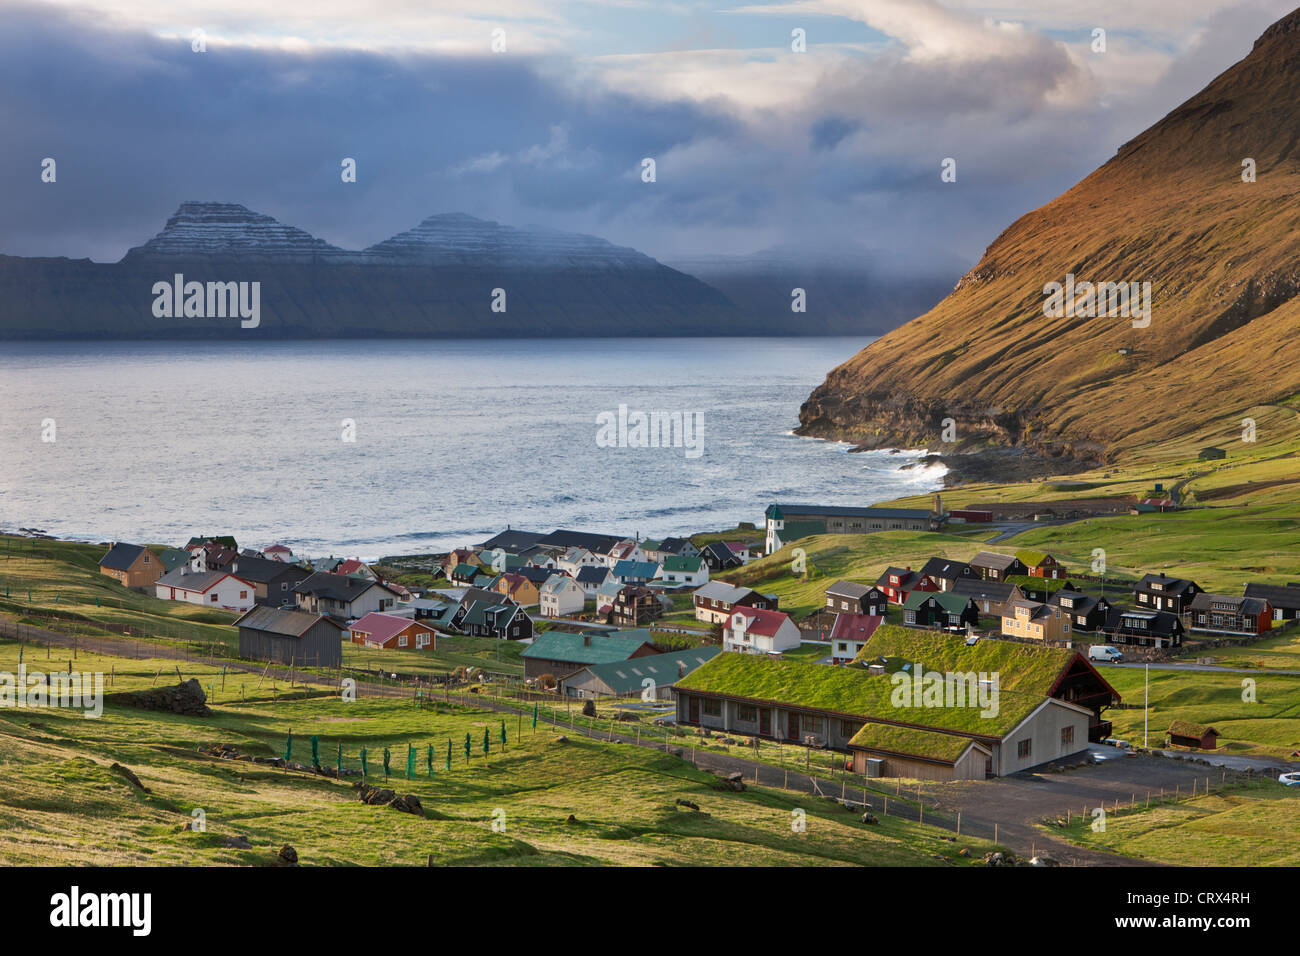 Malerischen Dorf Gjogv auf der Insel Eysturoy, Färöer. (Juni) Frühjahr 2012. Stockbild